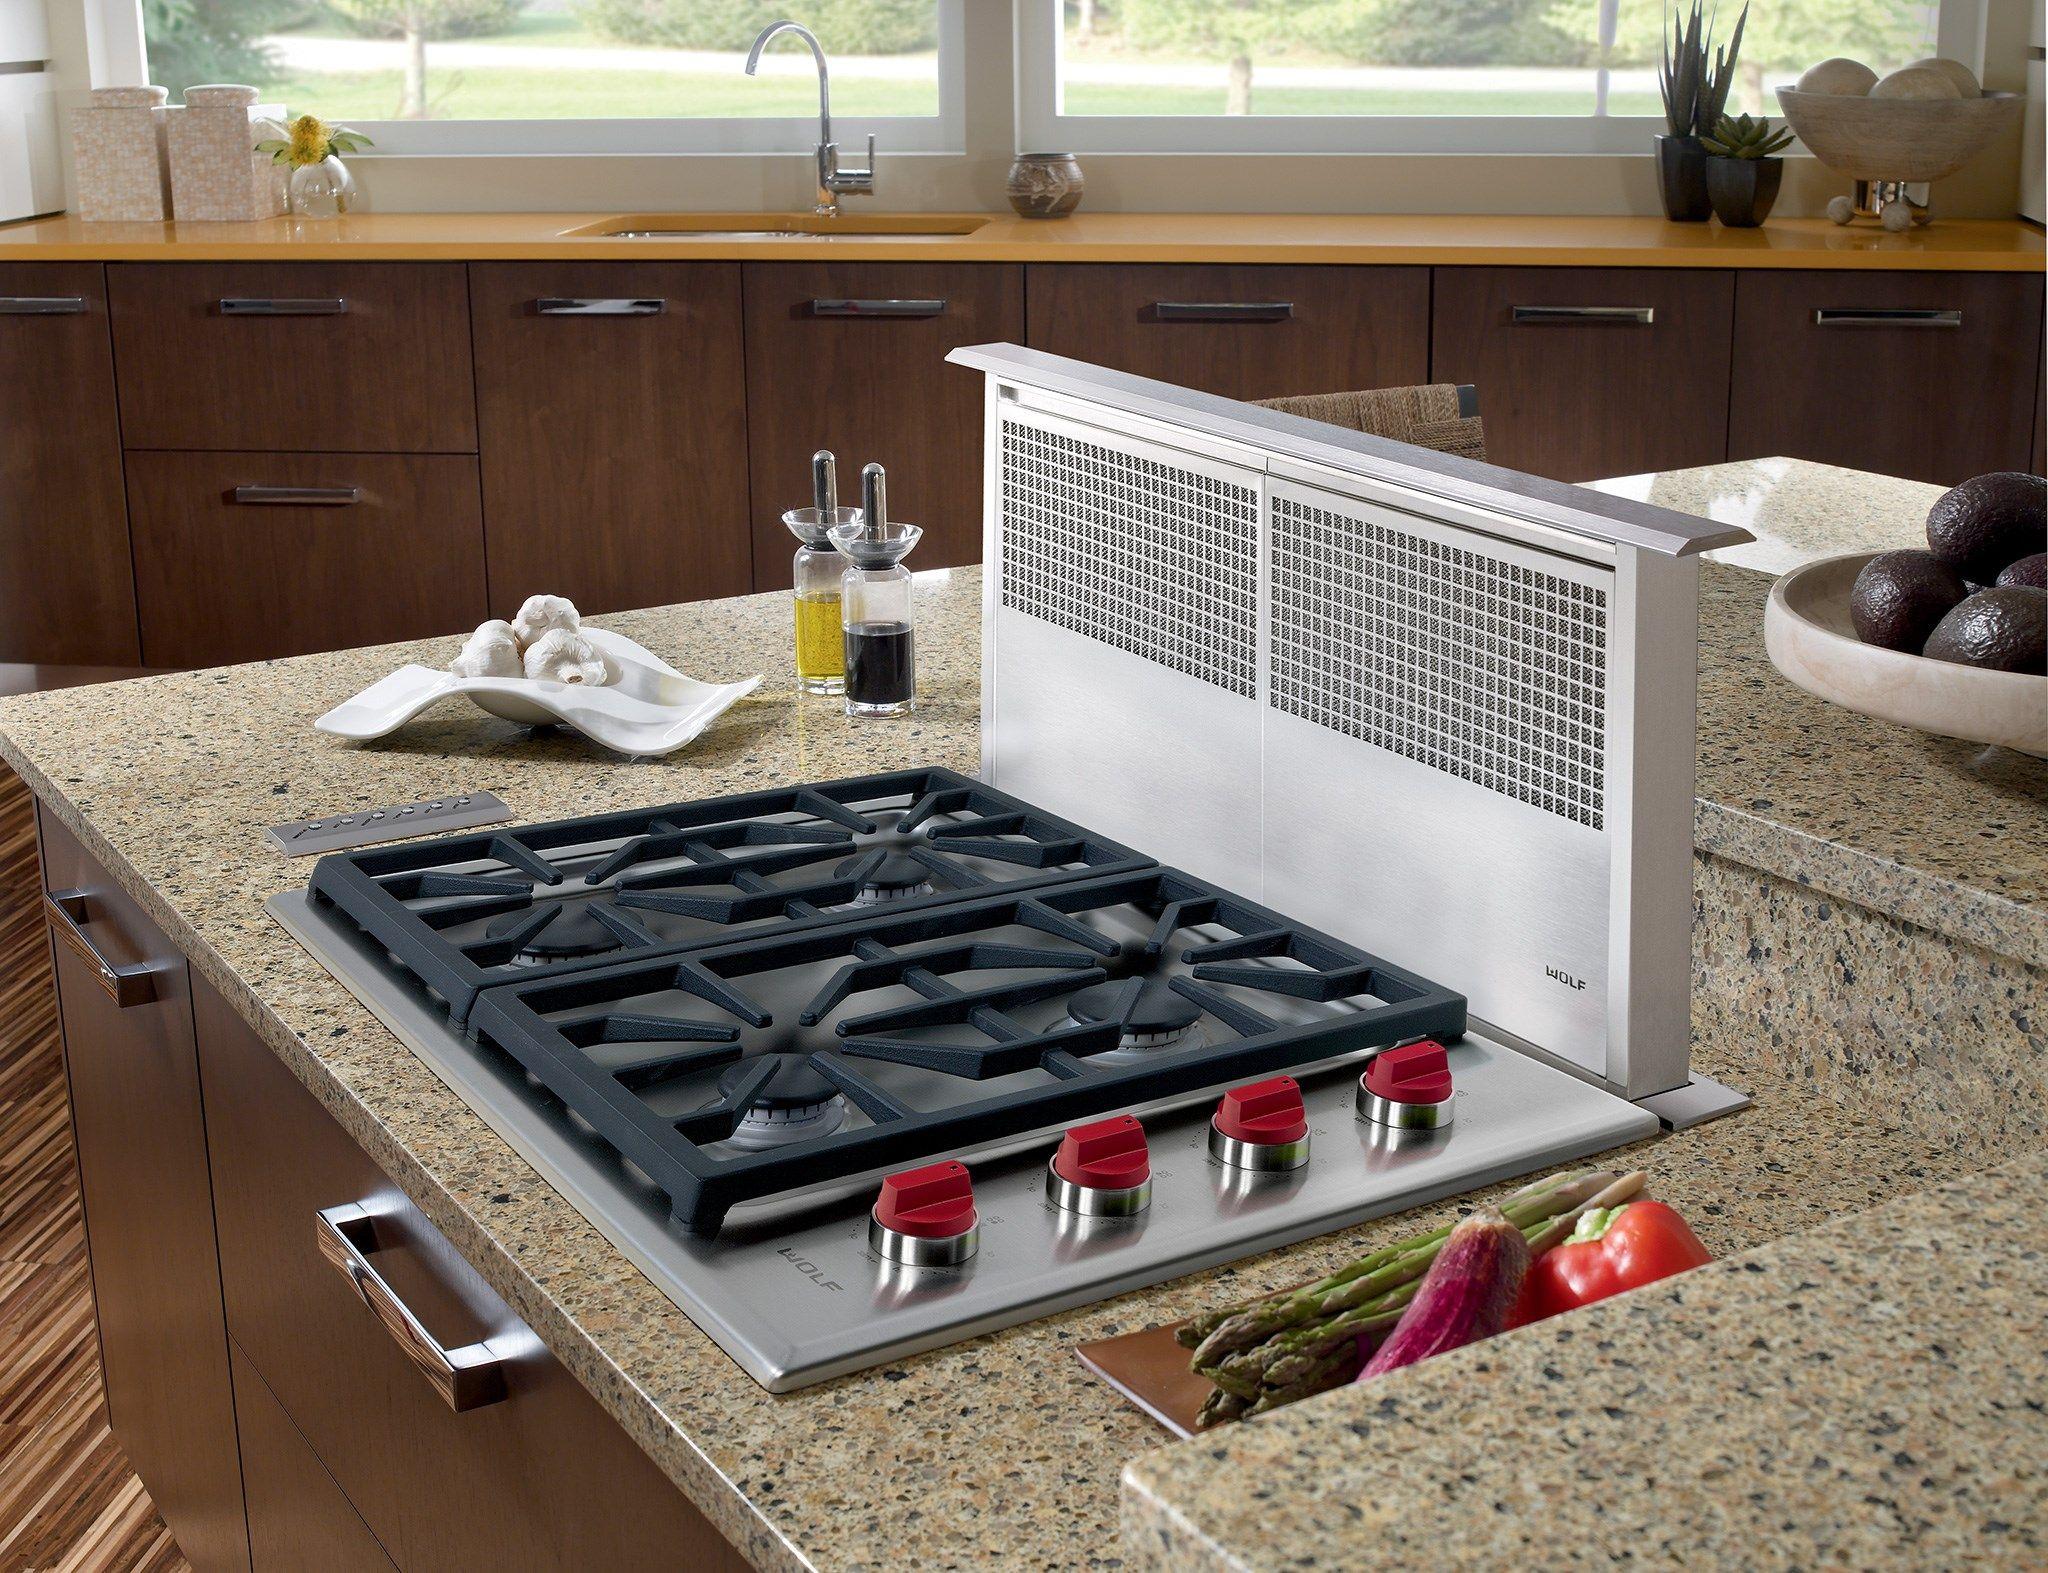 Встроенная плита с вытяжкой в интерьере современной кухни